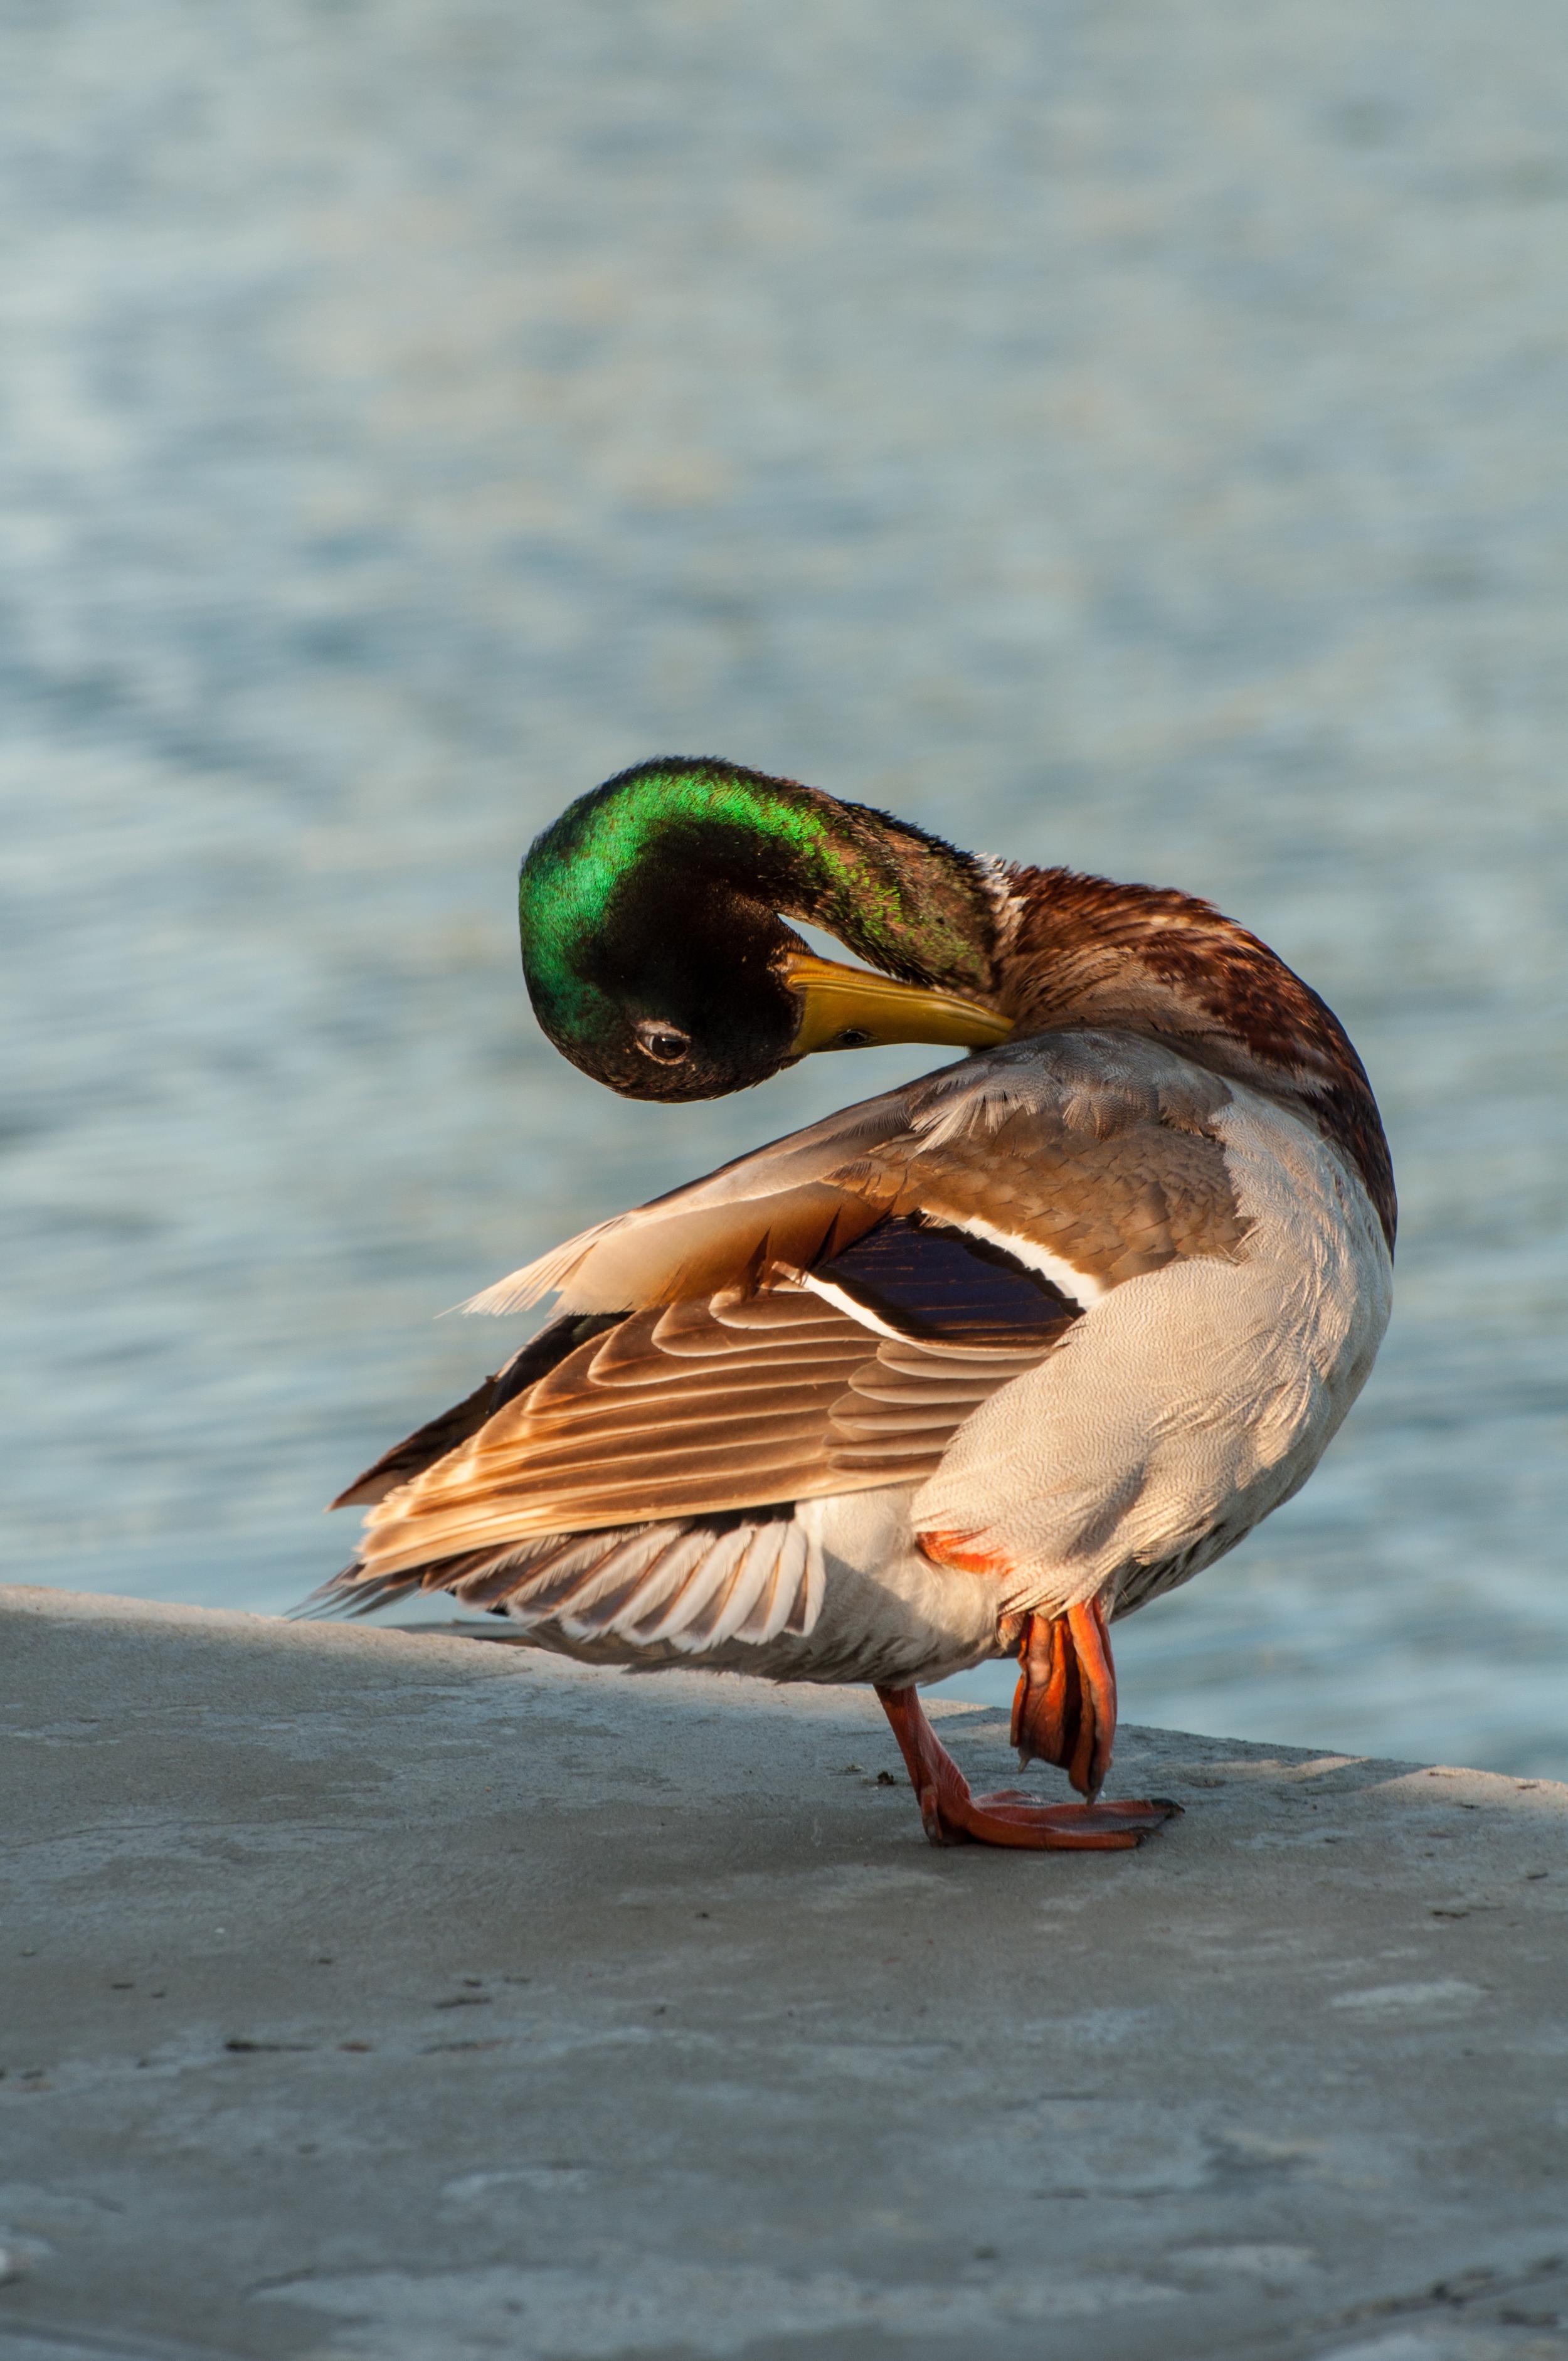 Duck taking bath - 140609 - DSC_1372.JPG